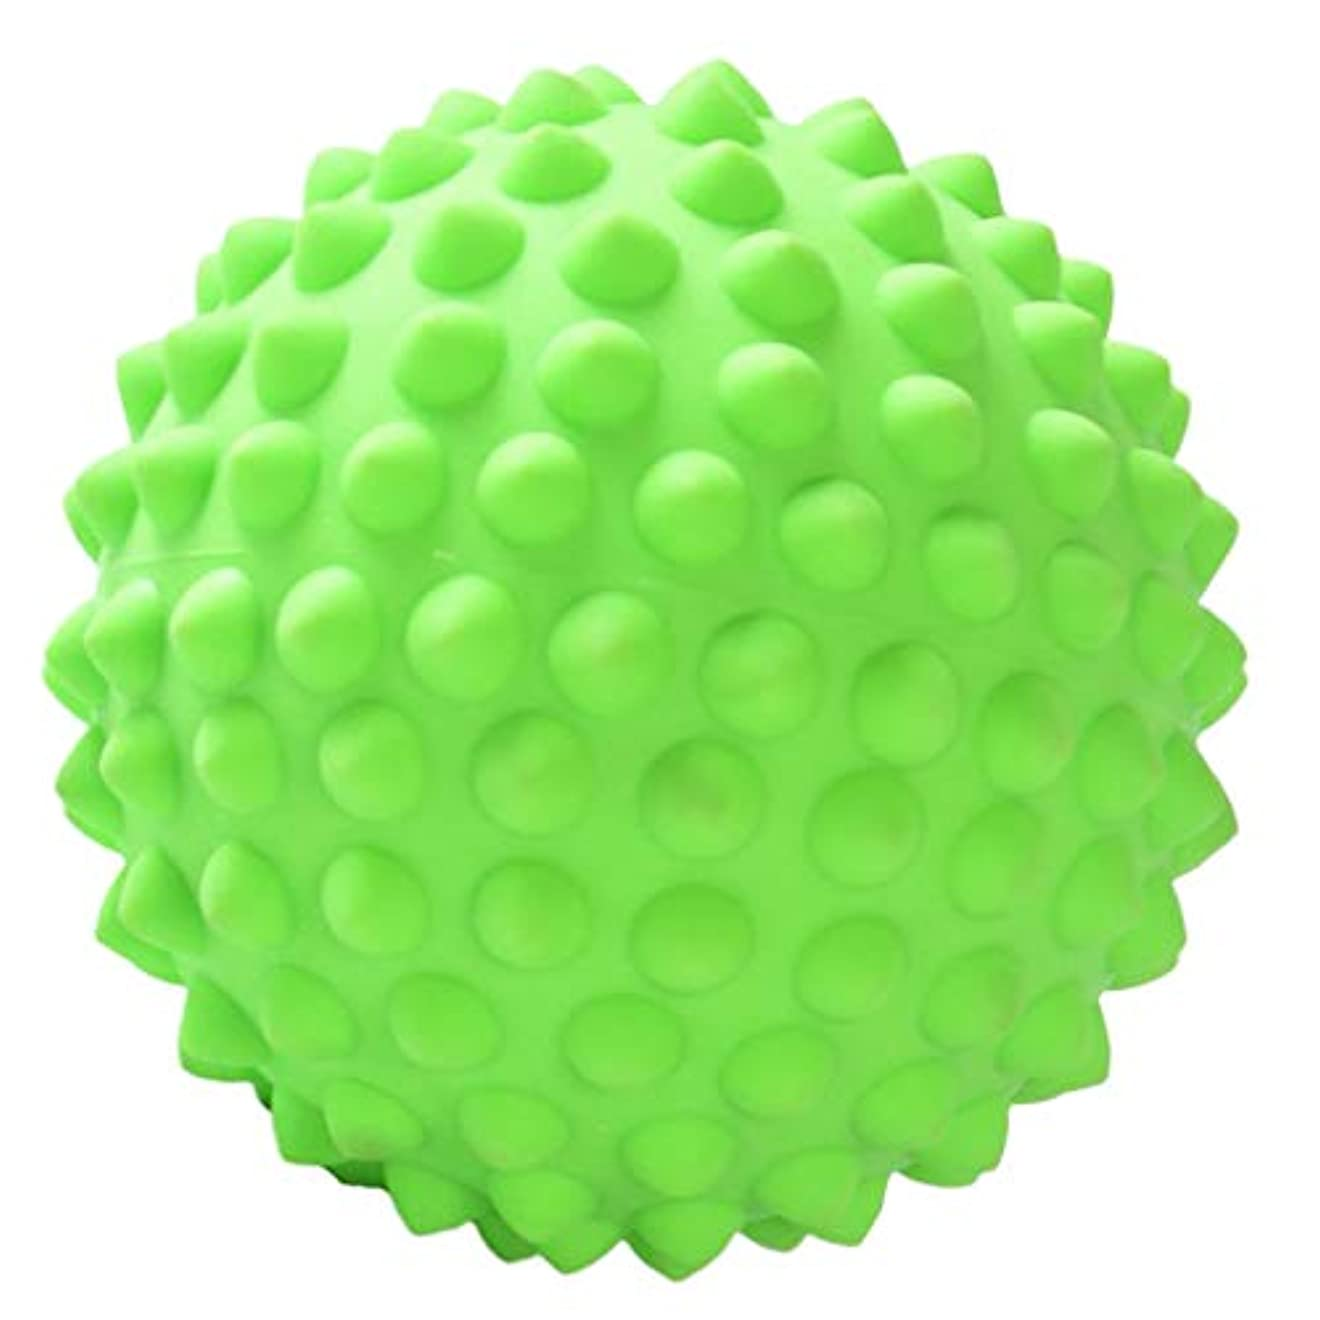 クリープ防止気づくなるハードスパイキーマッサージボールボディディープティッシュリラクゼーション足底筋膜炎の救済 - 緑, 説明のとおり